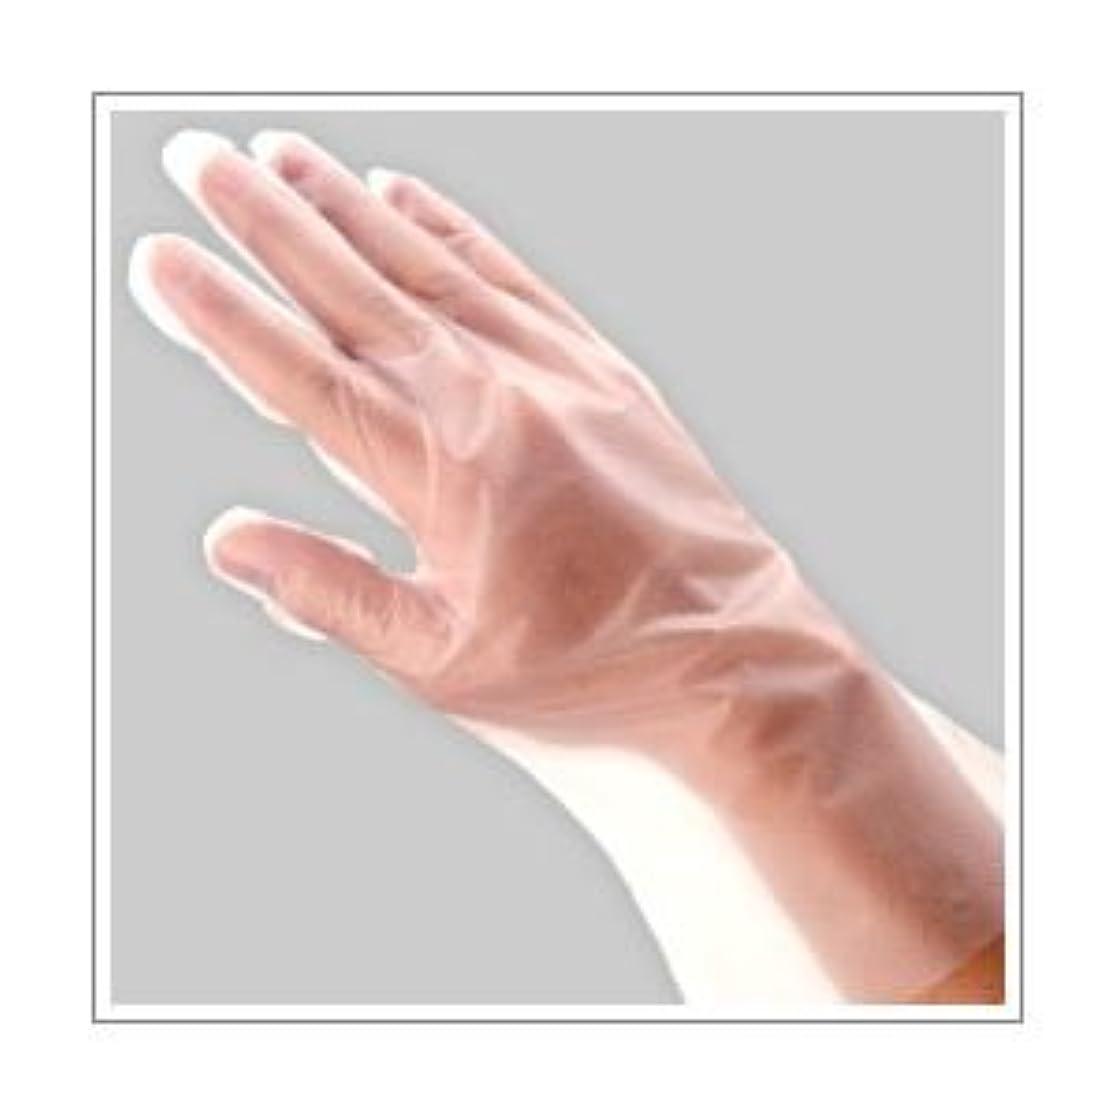 抑圧する兄専ら(業務用セット) 福助工業 ポリ手袋 指フィット 100枚パック L 【×10セット】 dS-1640685